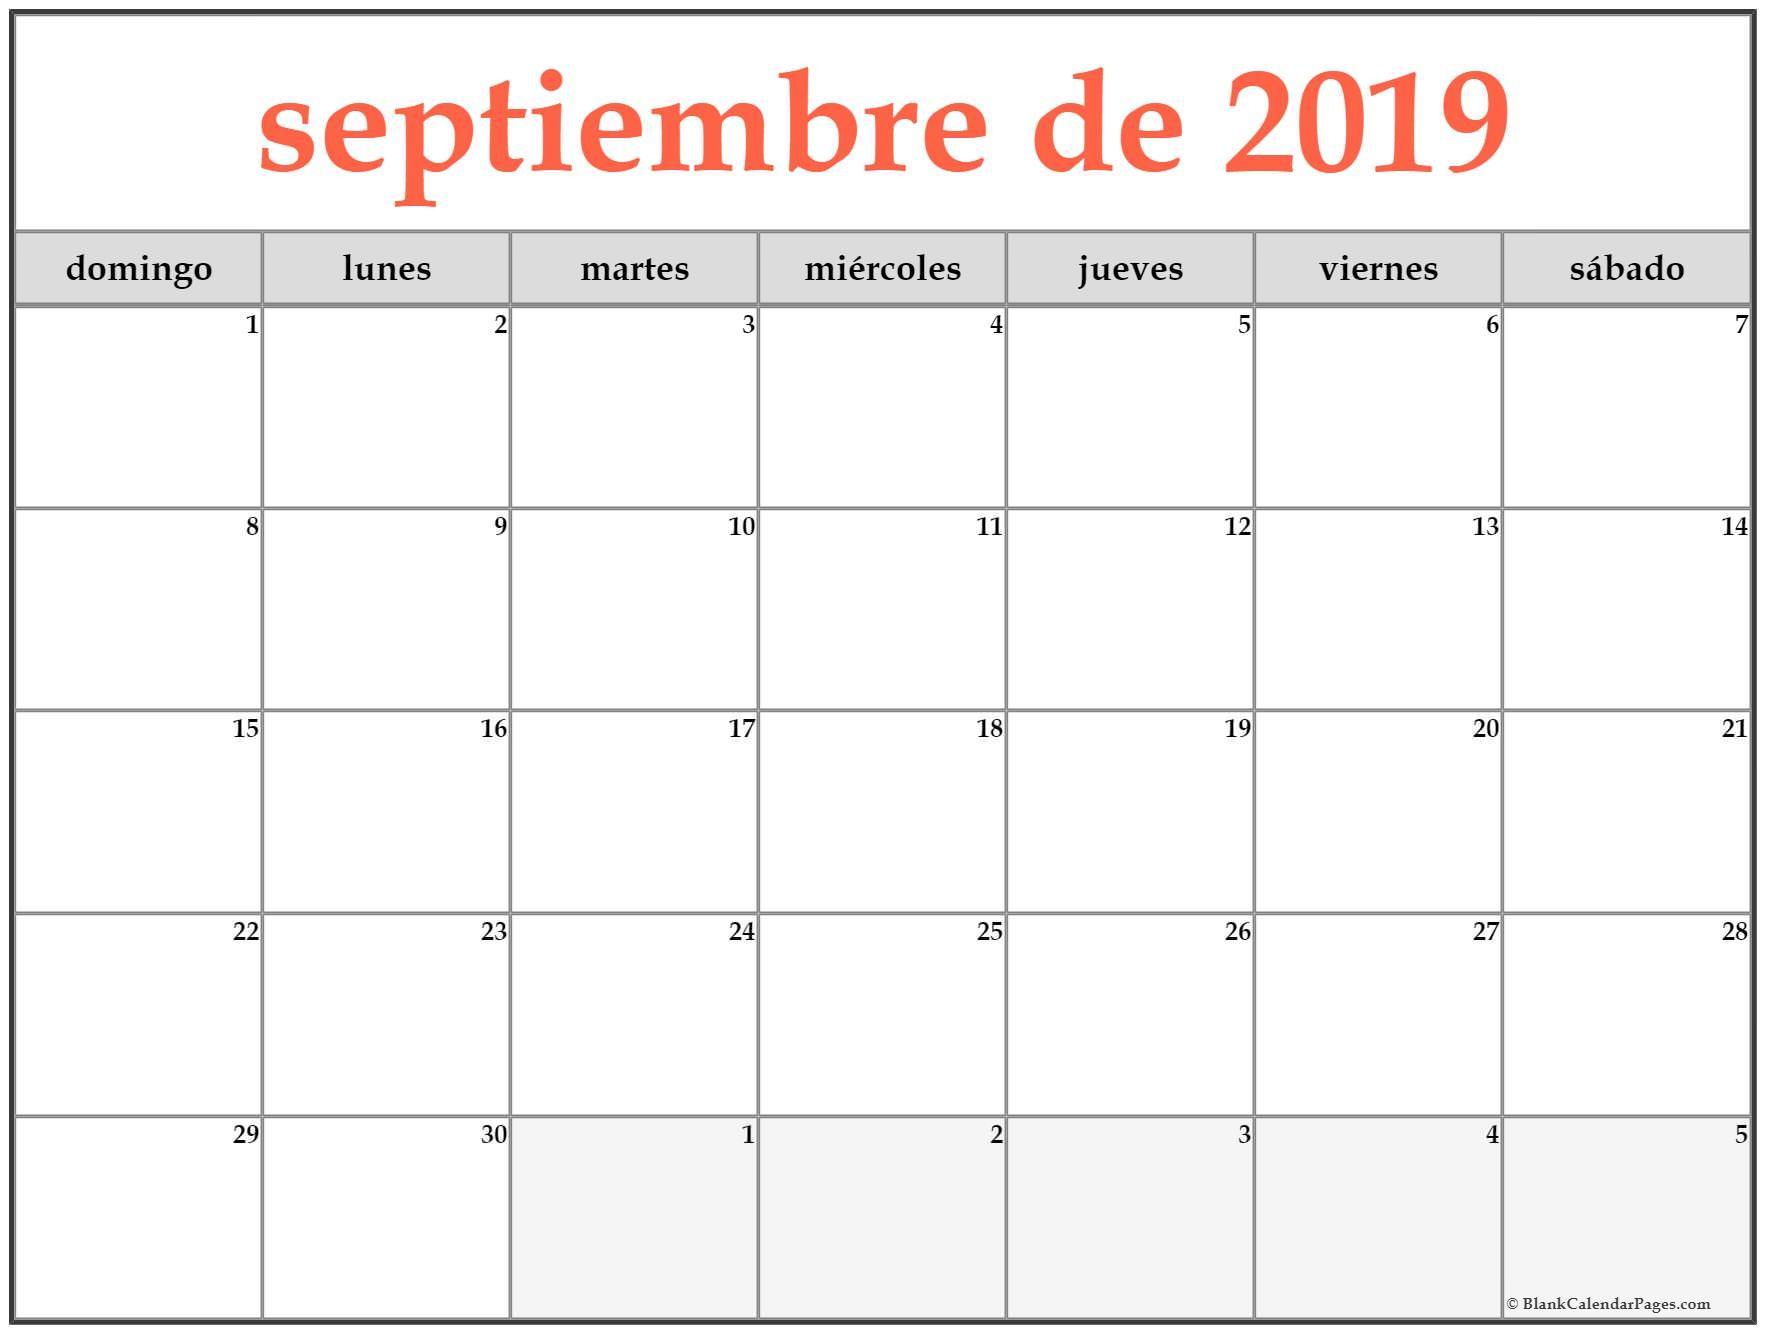 Calendario 2019 Chile Para Imprimir Más Arriba-a-fecha Best Calendario Septiembre 2015 Para Imprimir Image Collection Of Calendario 2019 Chile Para Imprimir Más Arriba-a-fecha Se Abren Las Postulaciones Para La Escuela De Sistemas Plejos